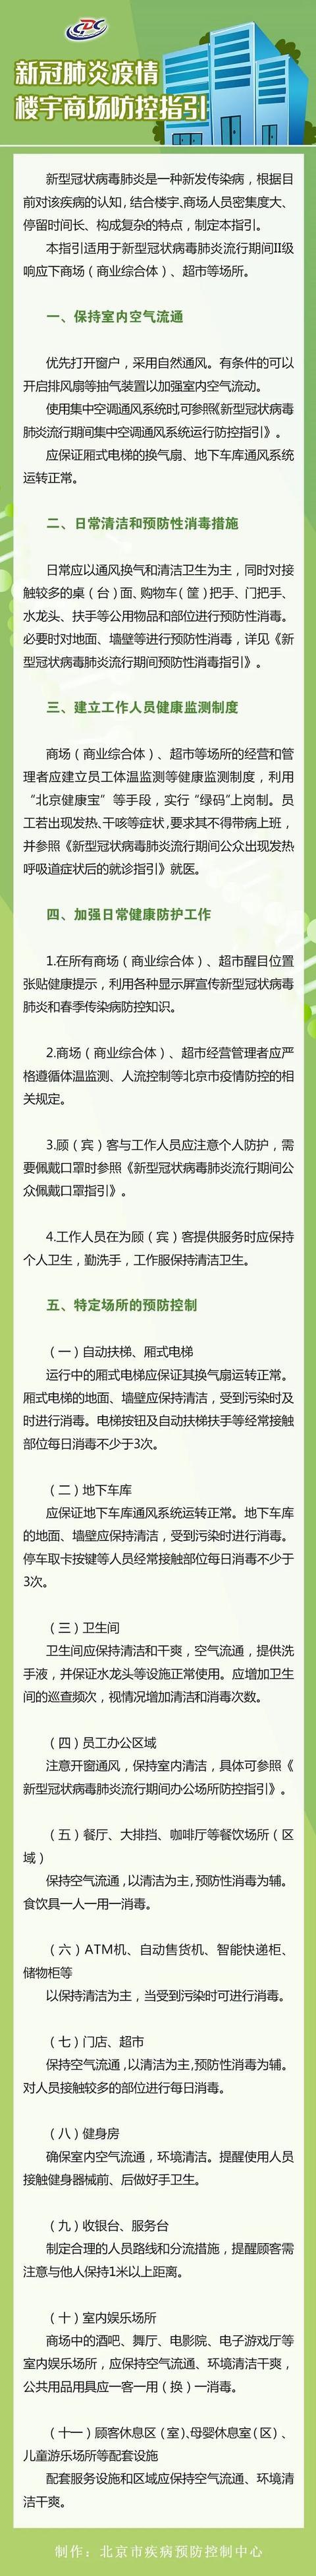 北京:楼宇商场电梯按钮、自动扶梯扶手等每天至少消毒3次图片